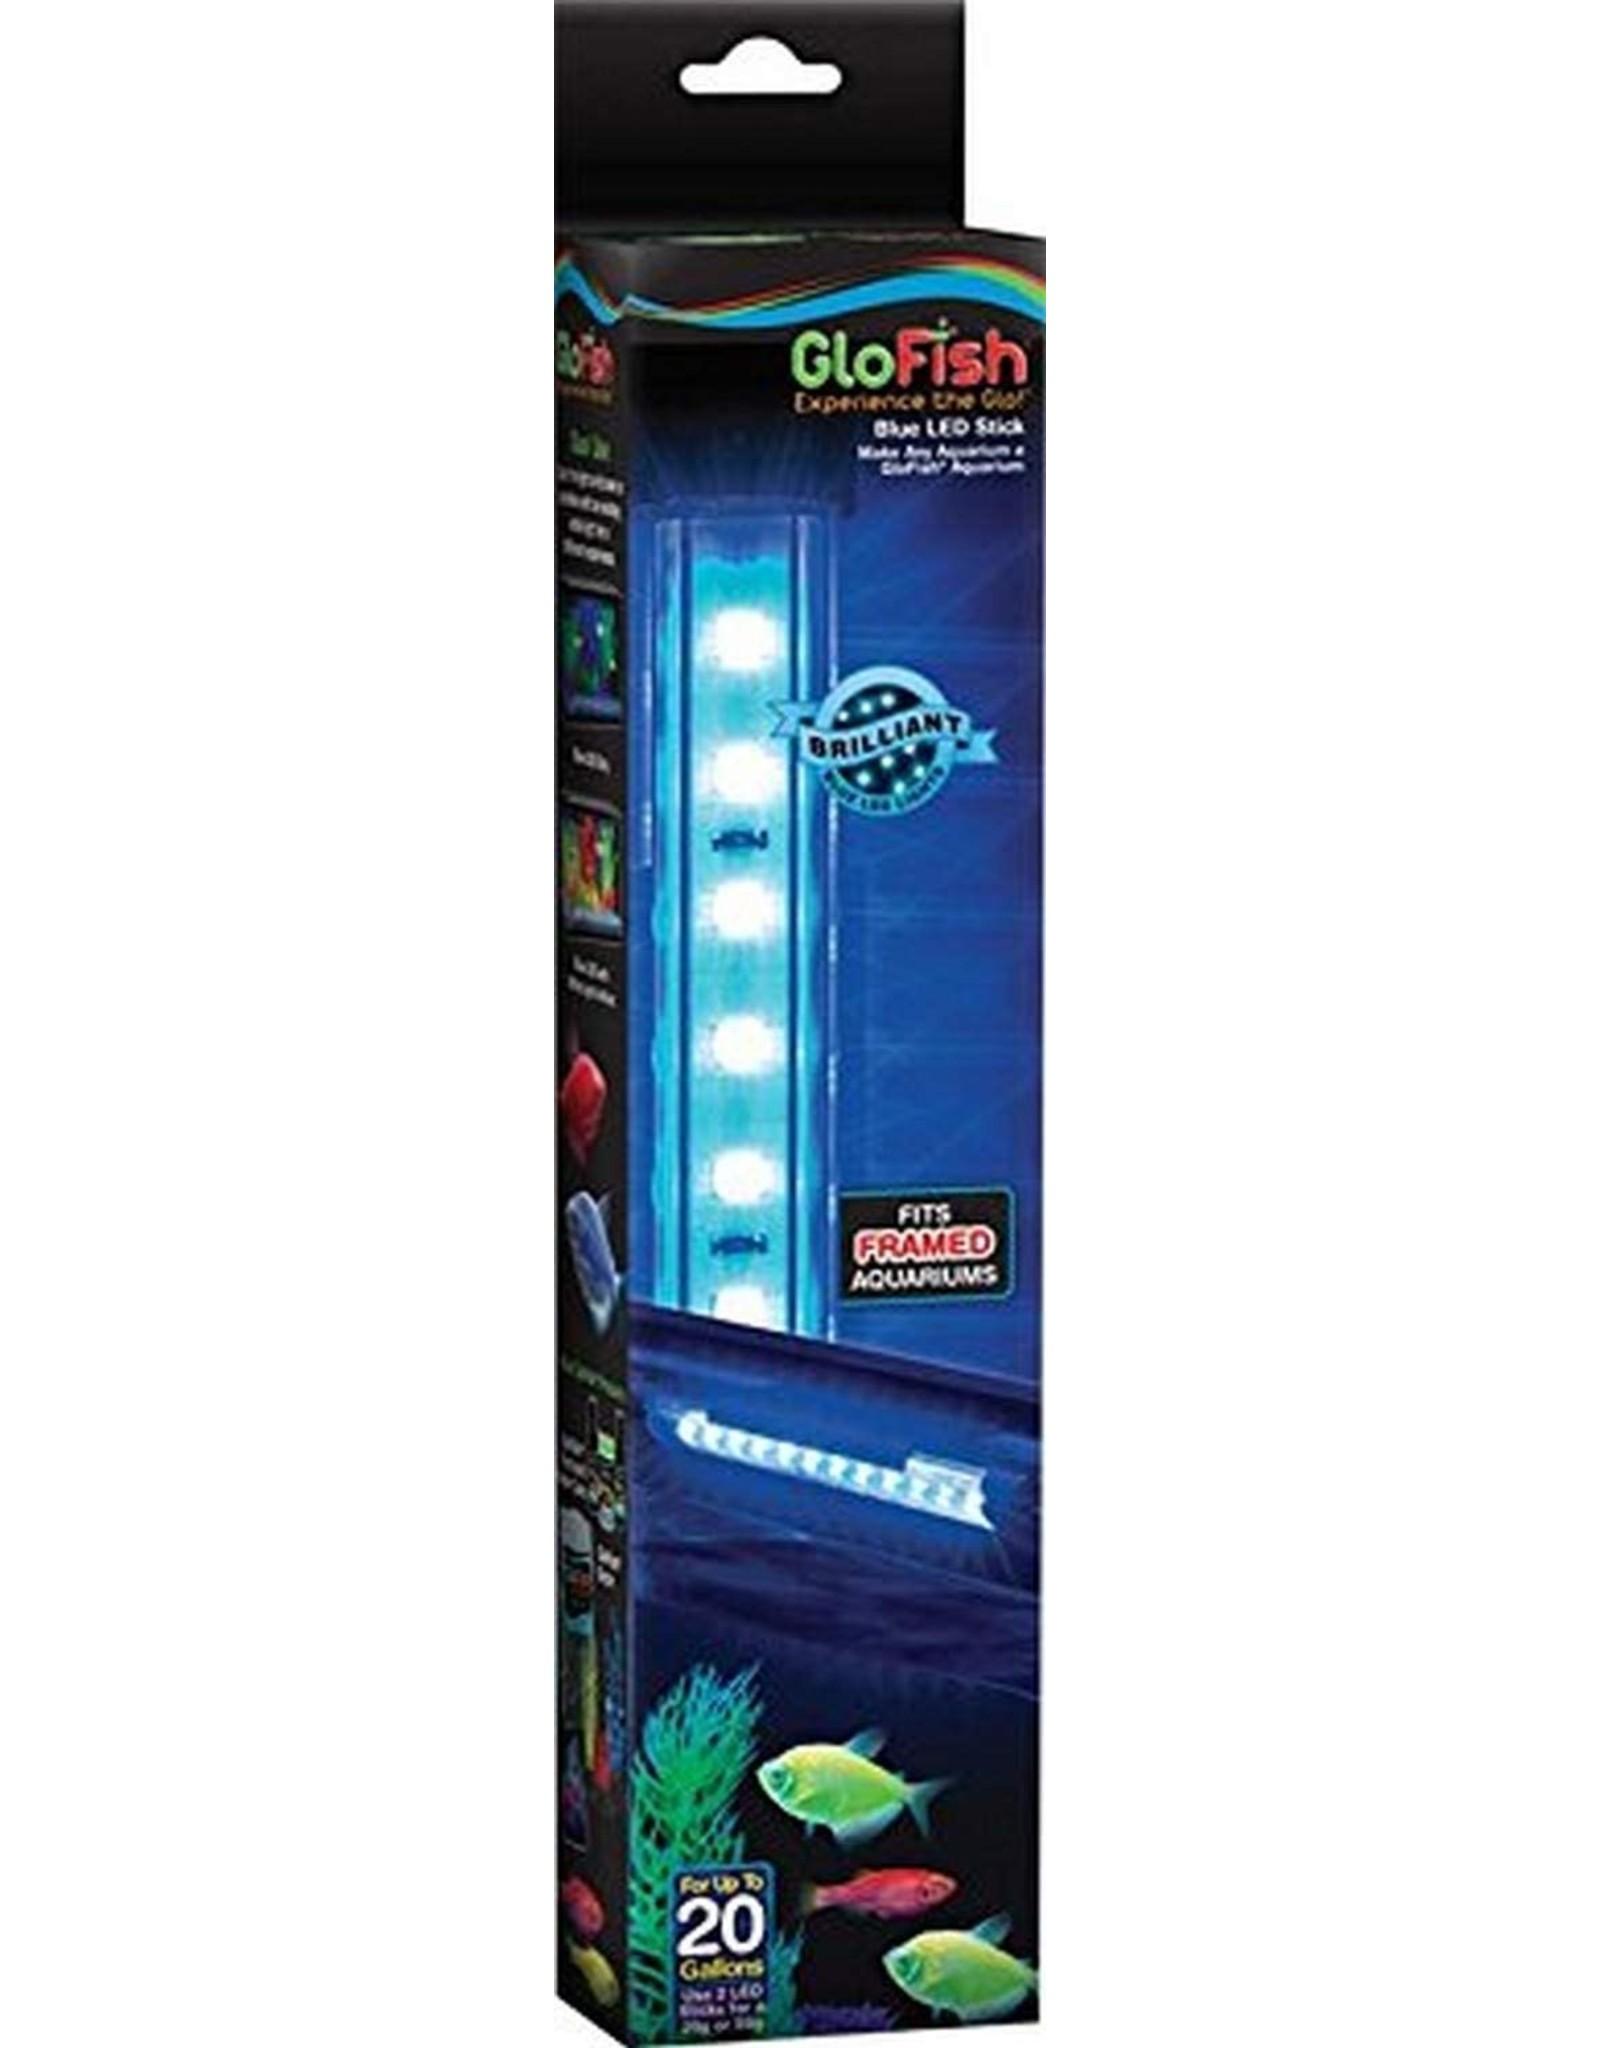 Tetra TETRA GloFish Cycle Light